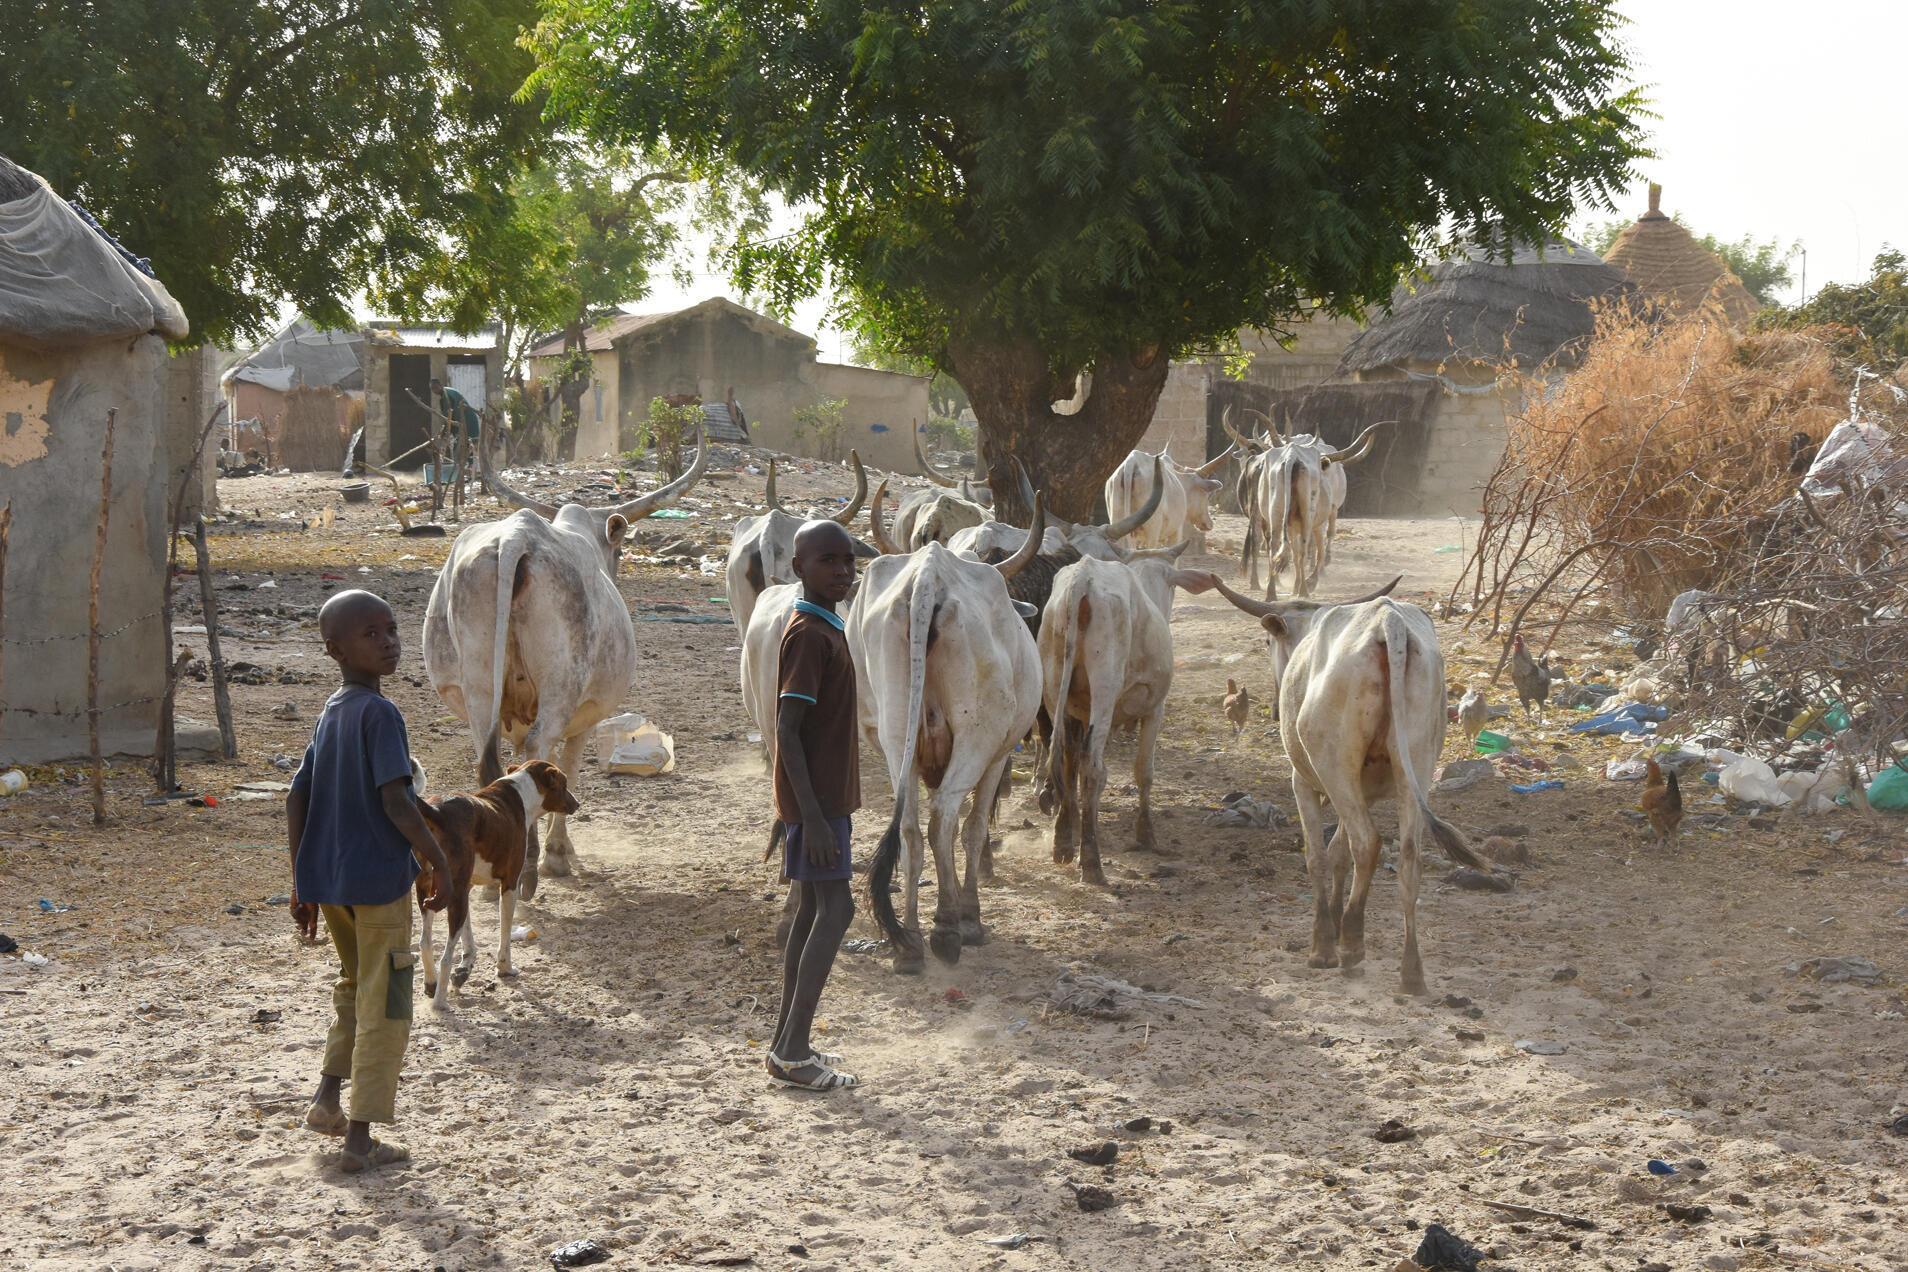 Au Sénégal, la plupart des exploitations agricoles sont familiales. Comme ici, près de Kaolack.